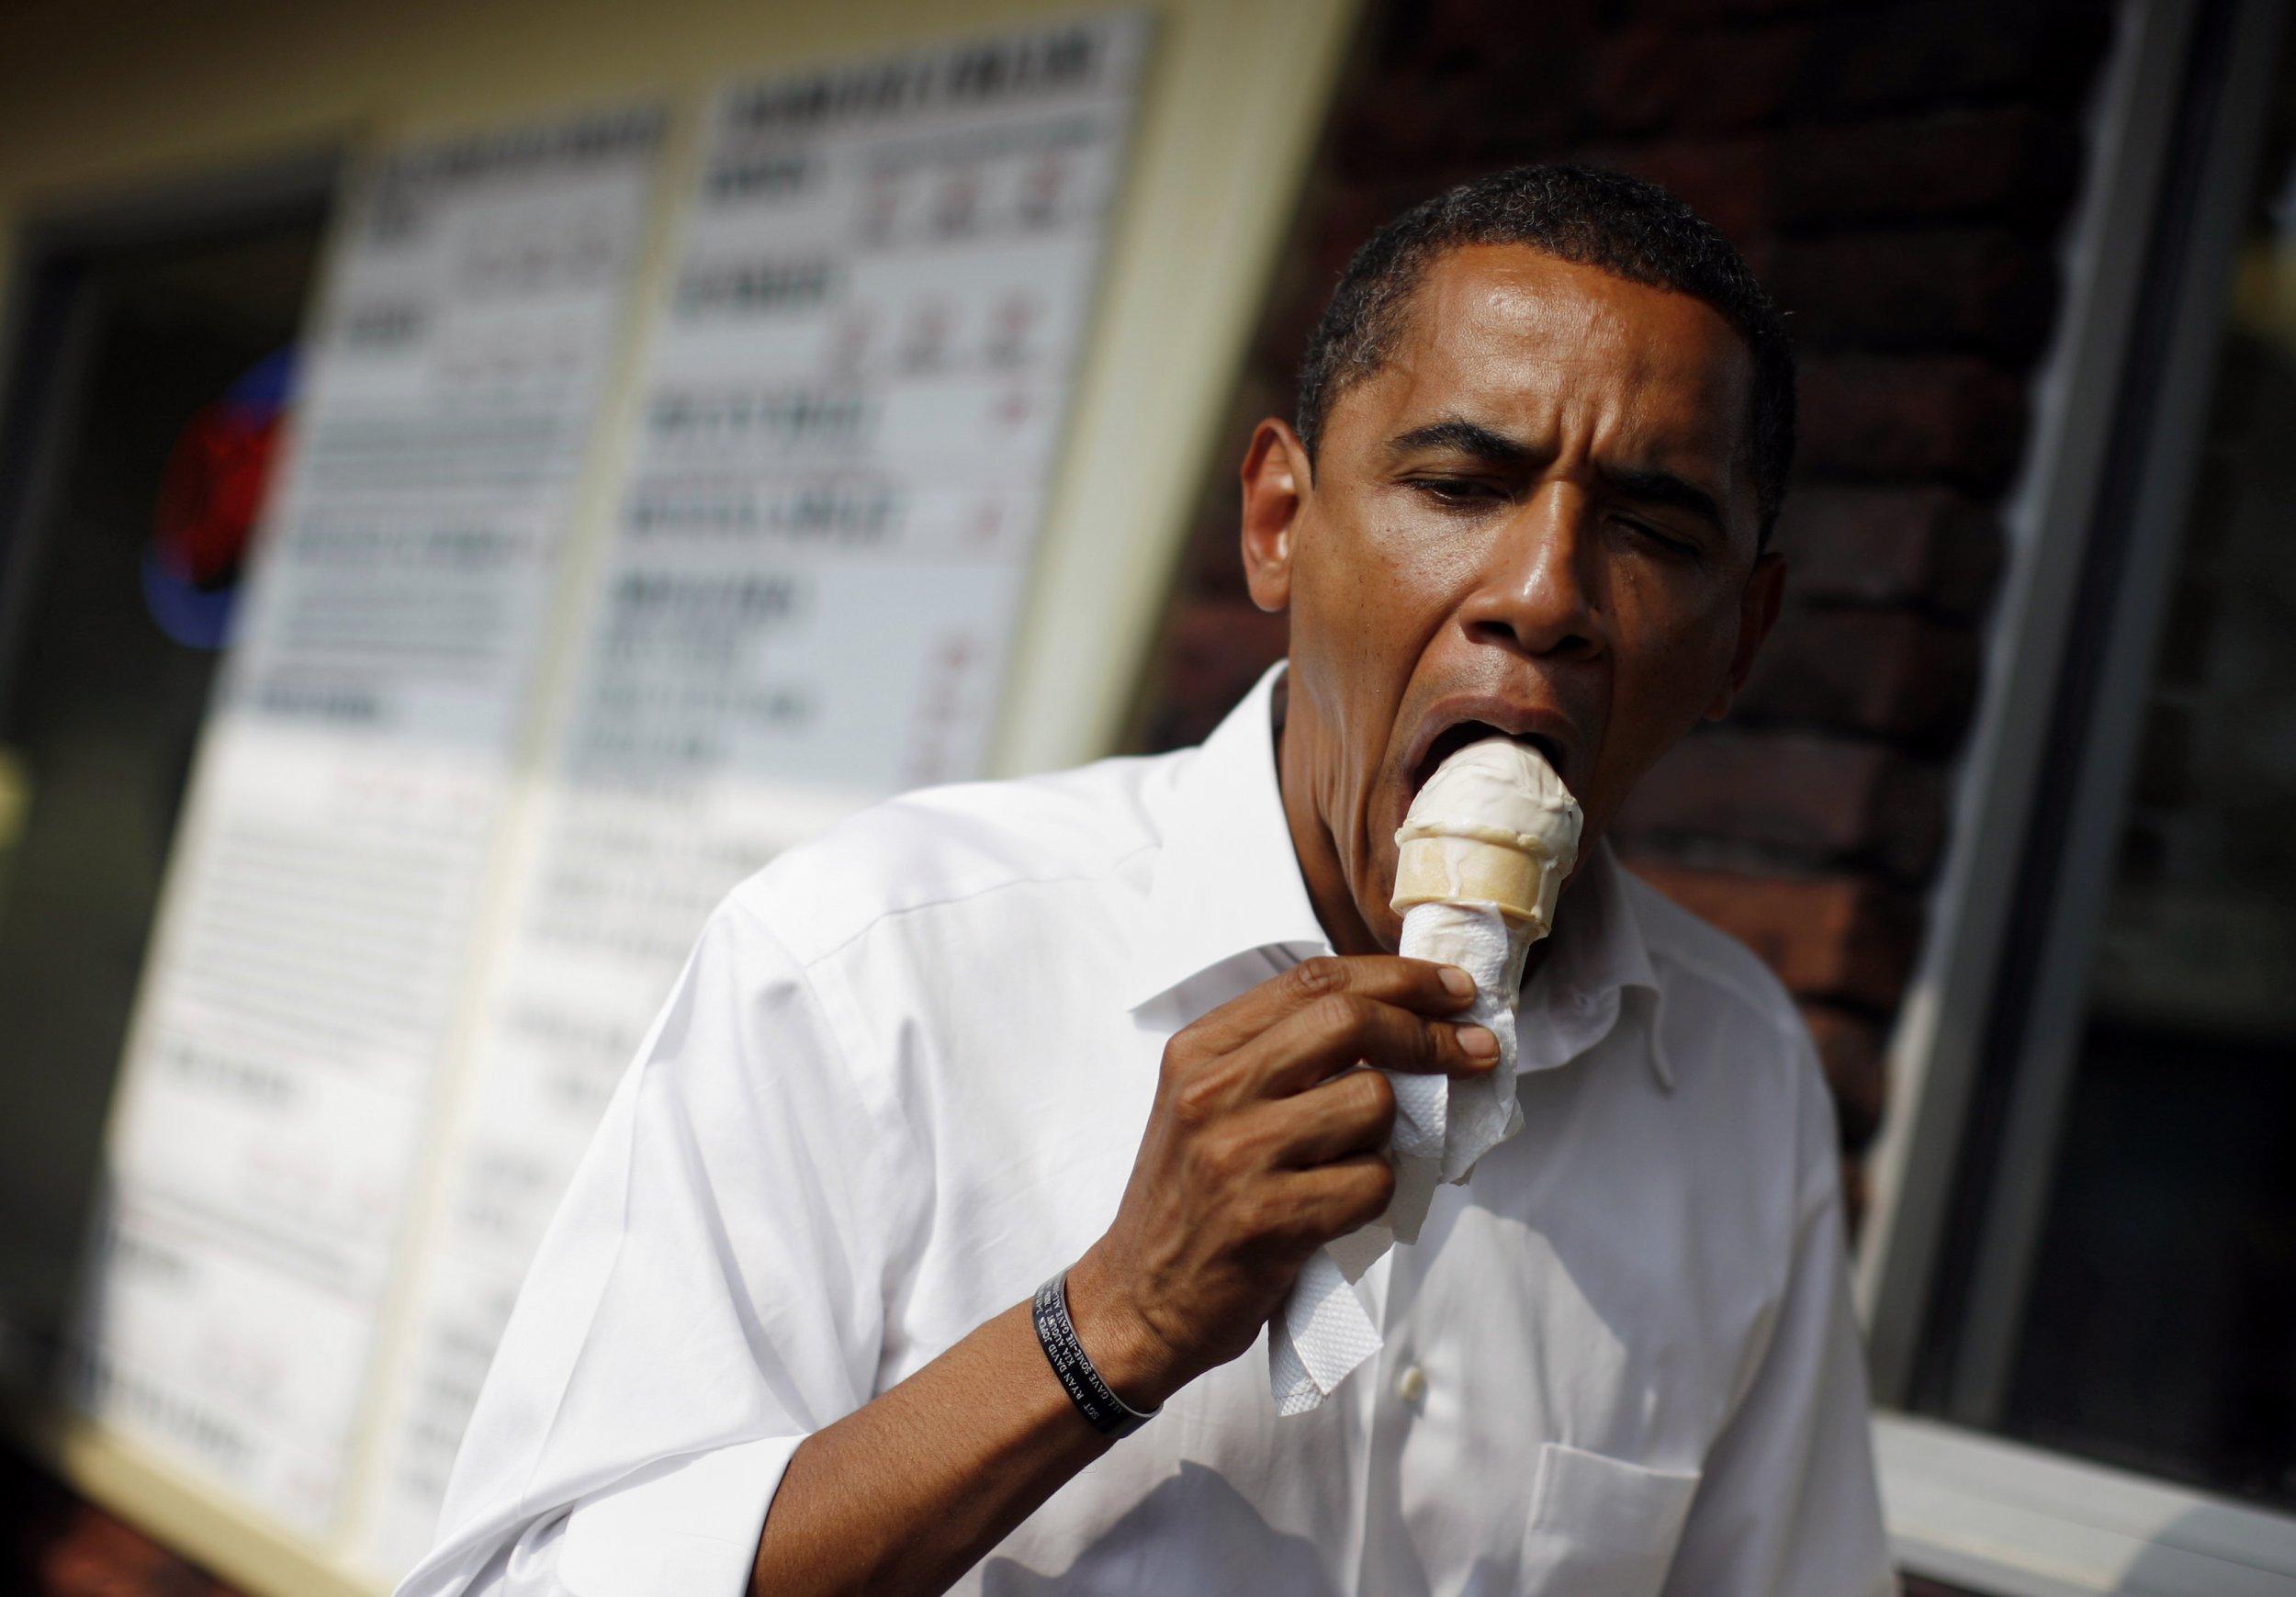 Barack Obama eats ice cream